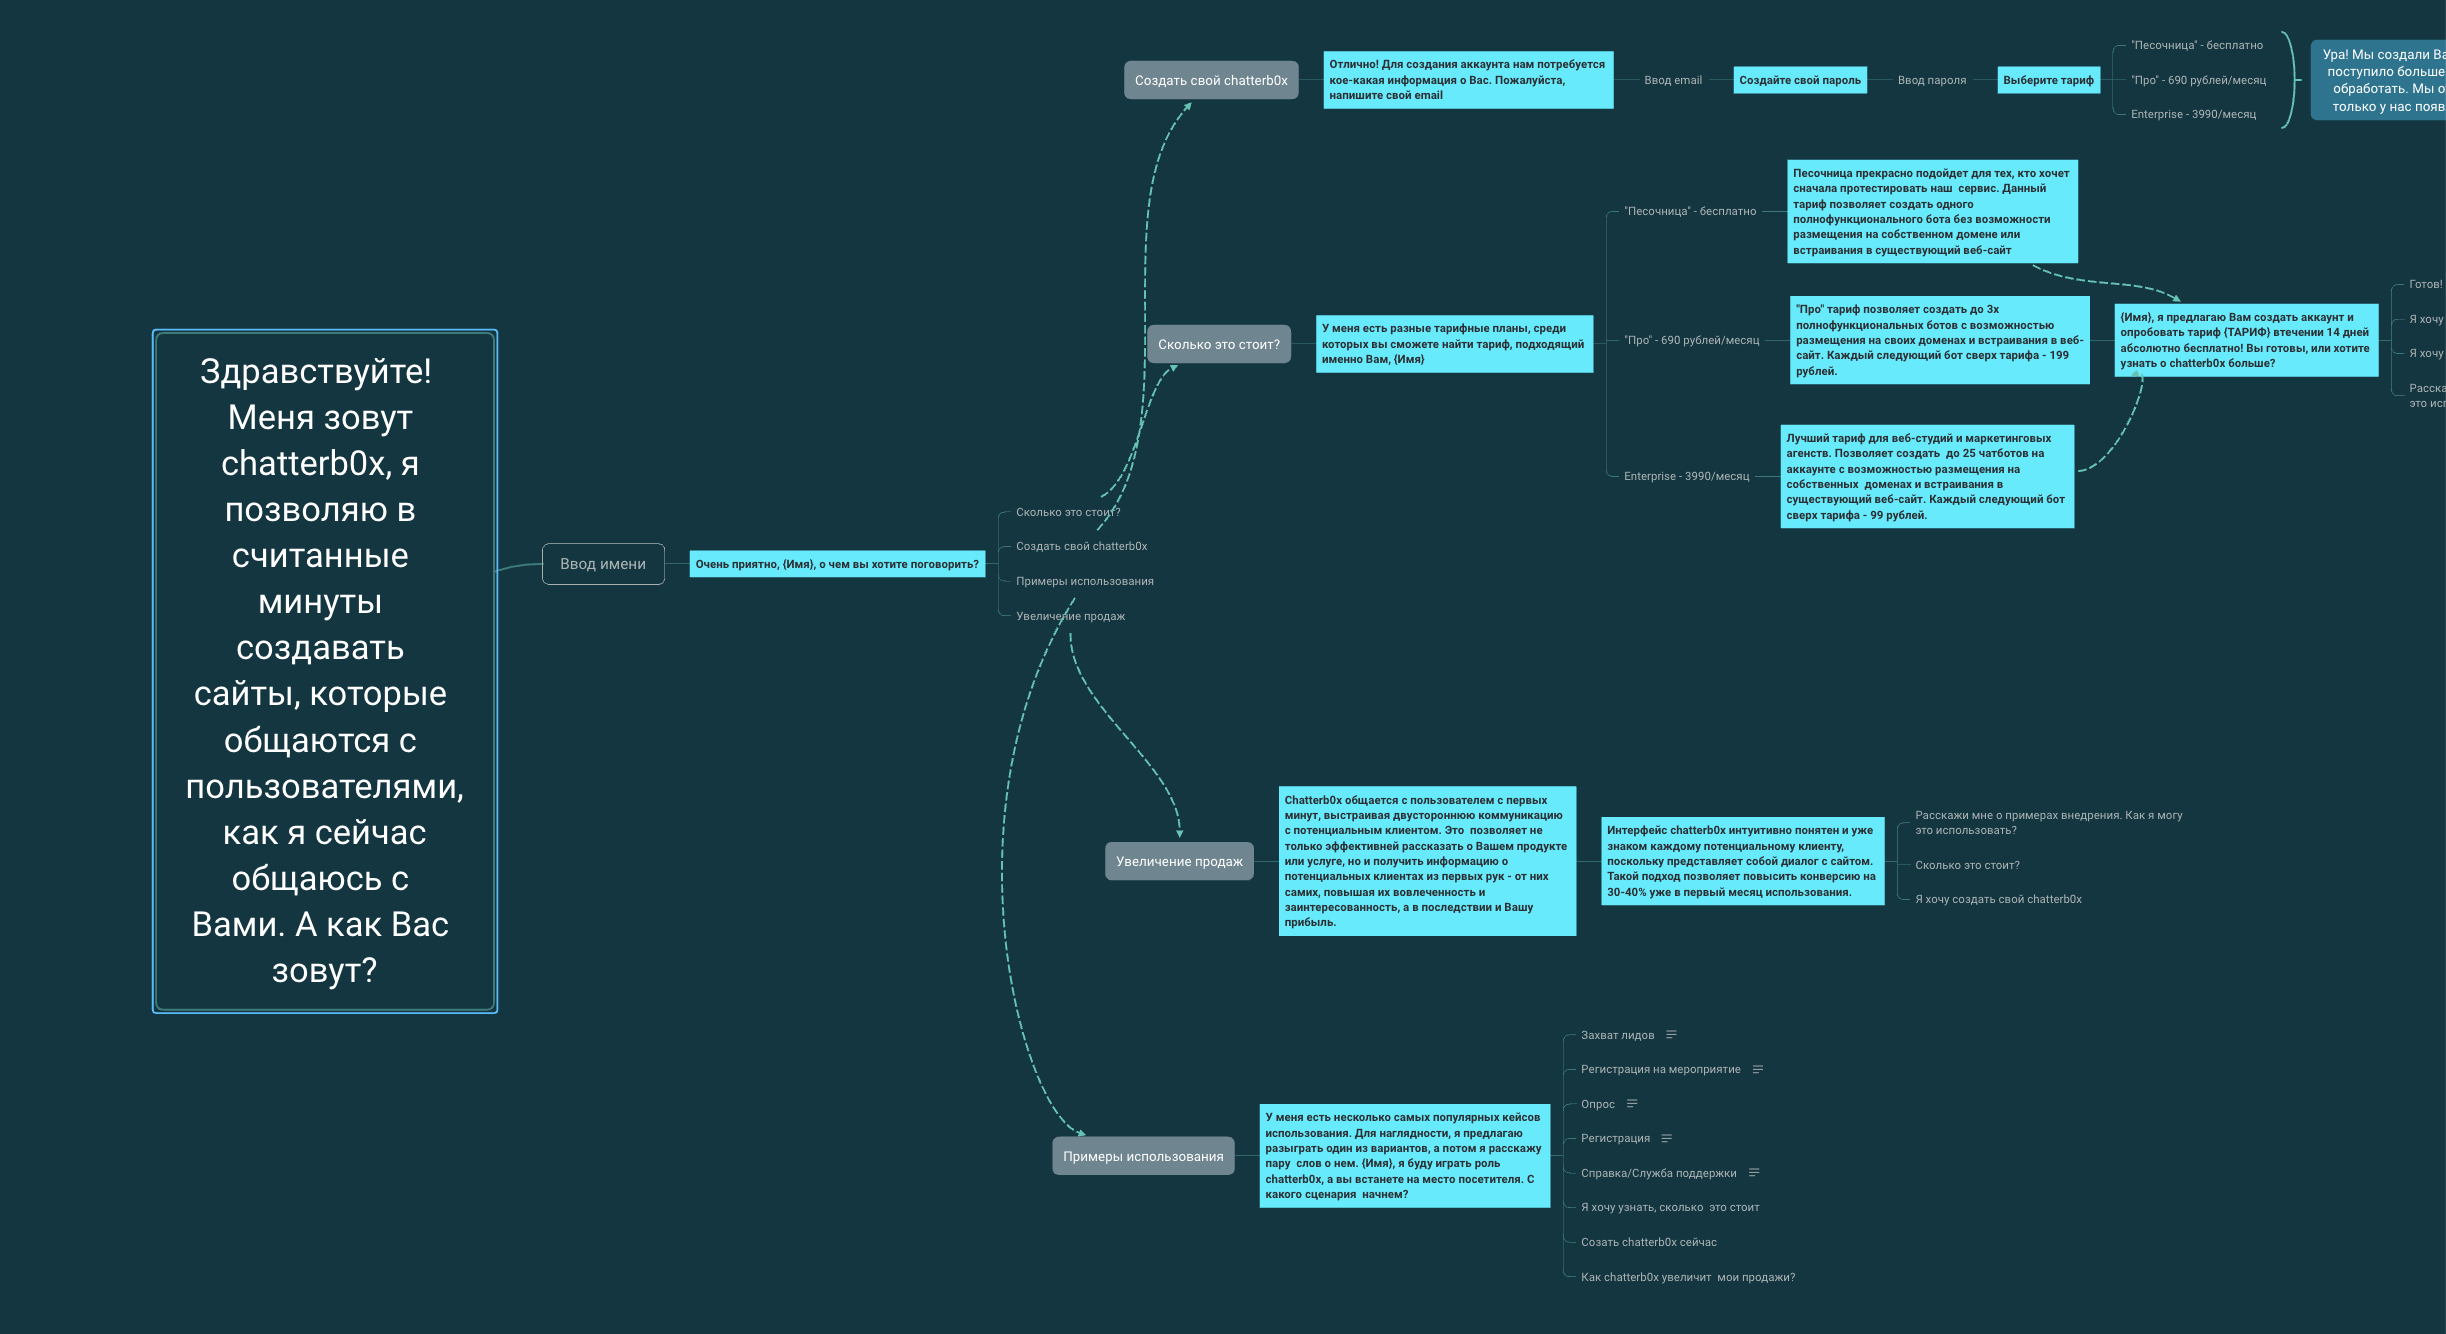 Пример mind map чатбота